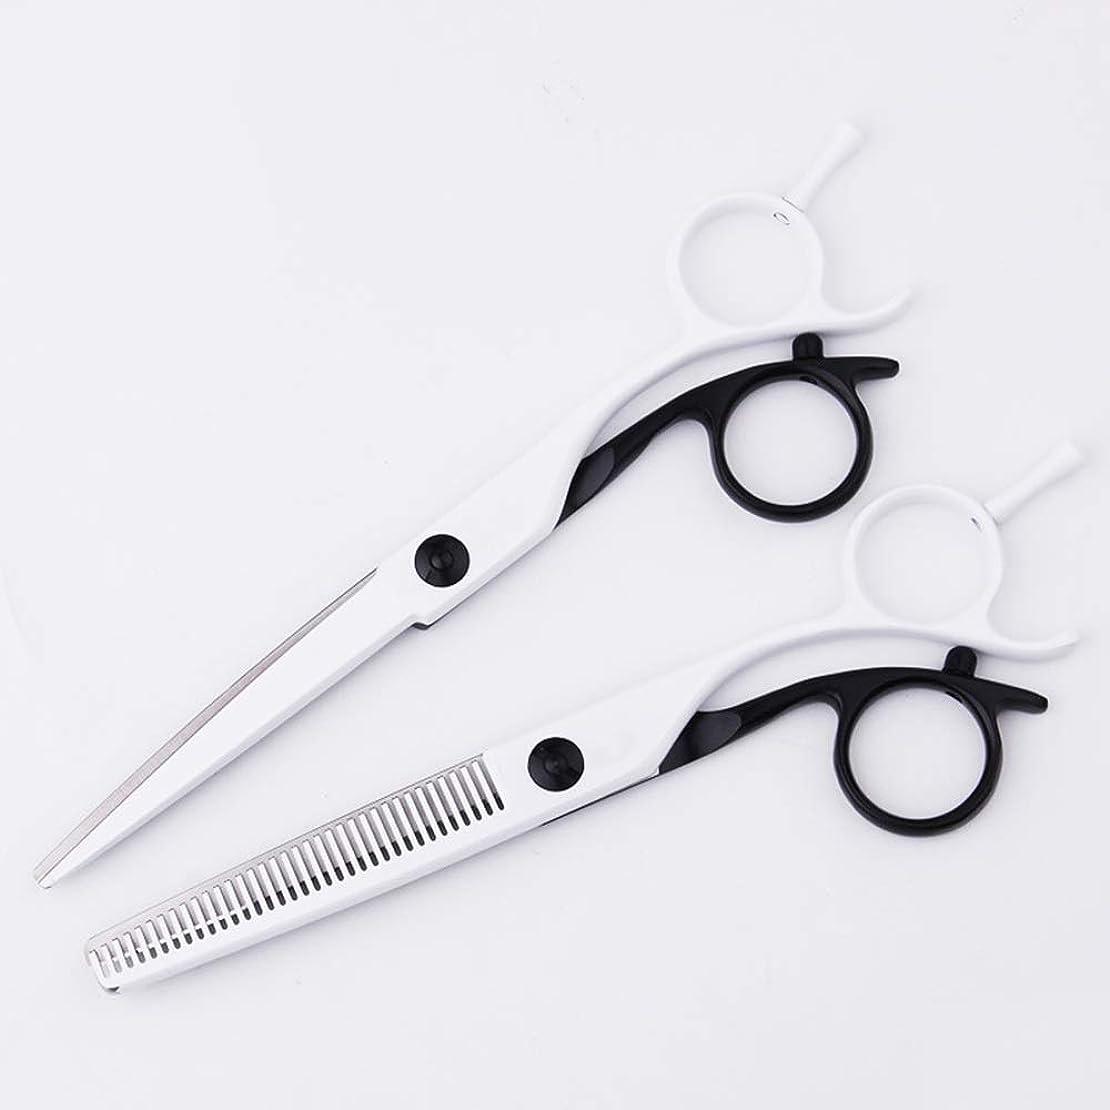 害虫ごめんなさい経済的Goodsok-jp 440Cステンレススチール理髪はさみ、前髪理髪はさみフラットはさみ歯はさみセット (サイズ : 6.5 inch flat+6 inch teeth)